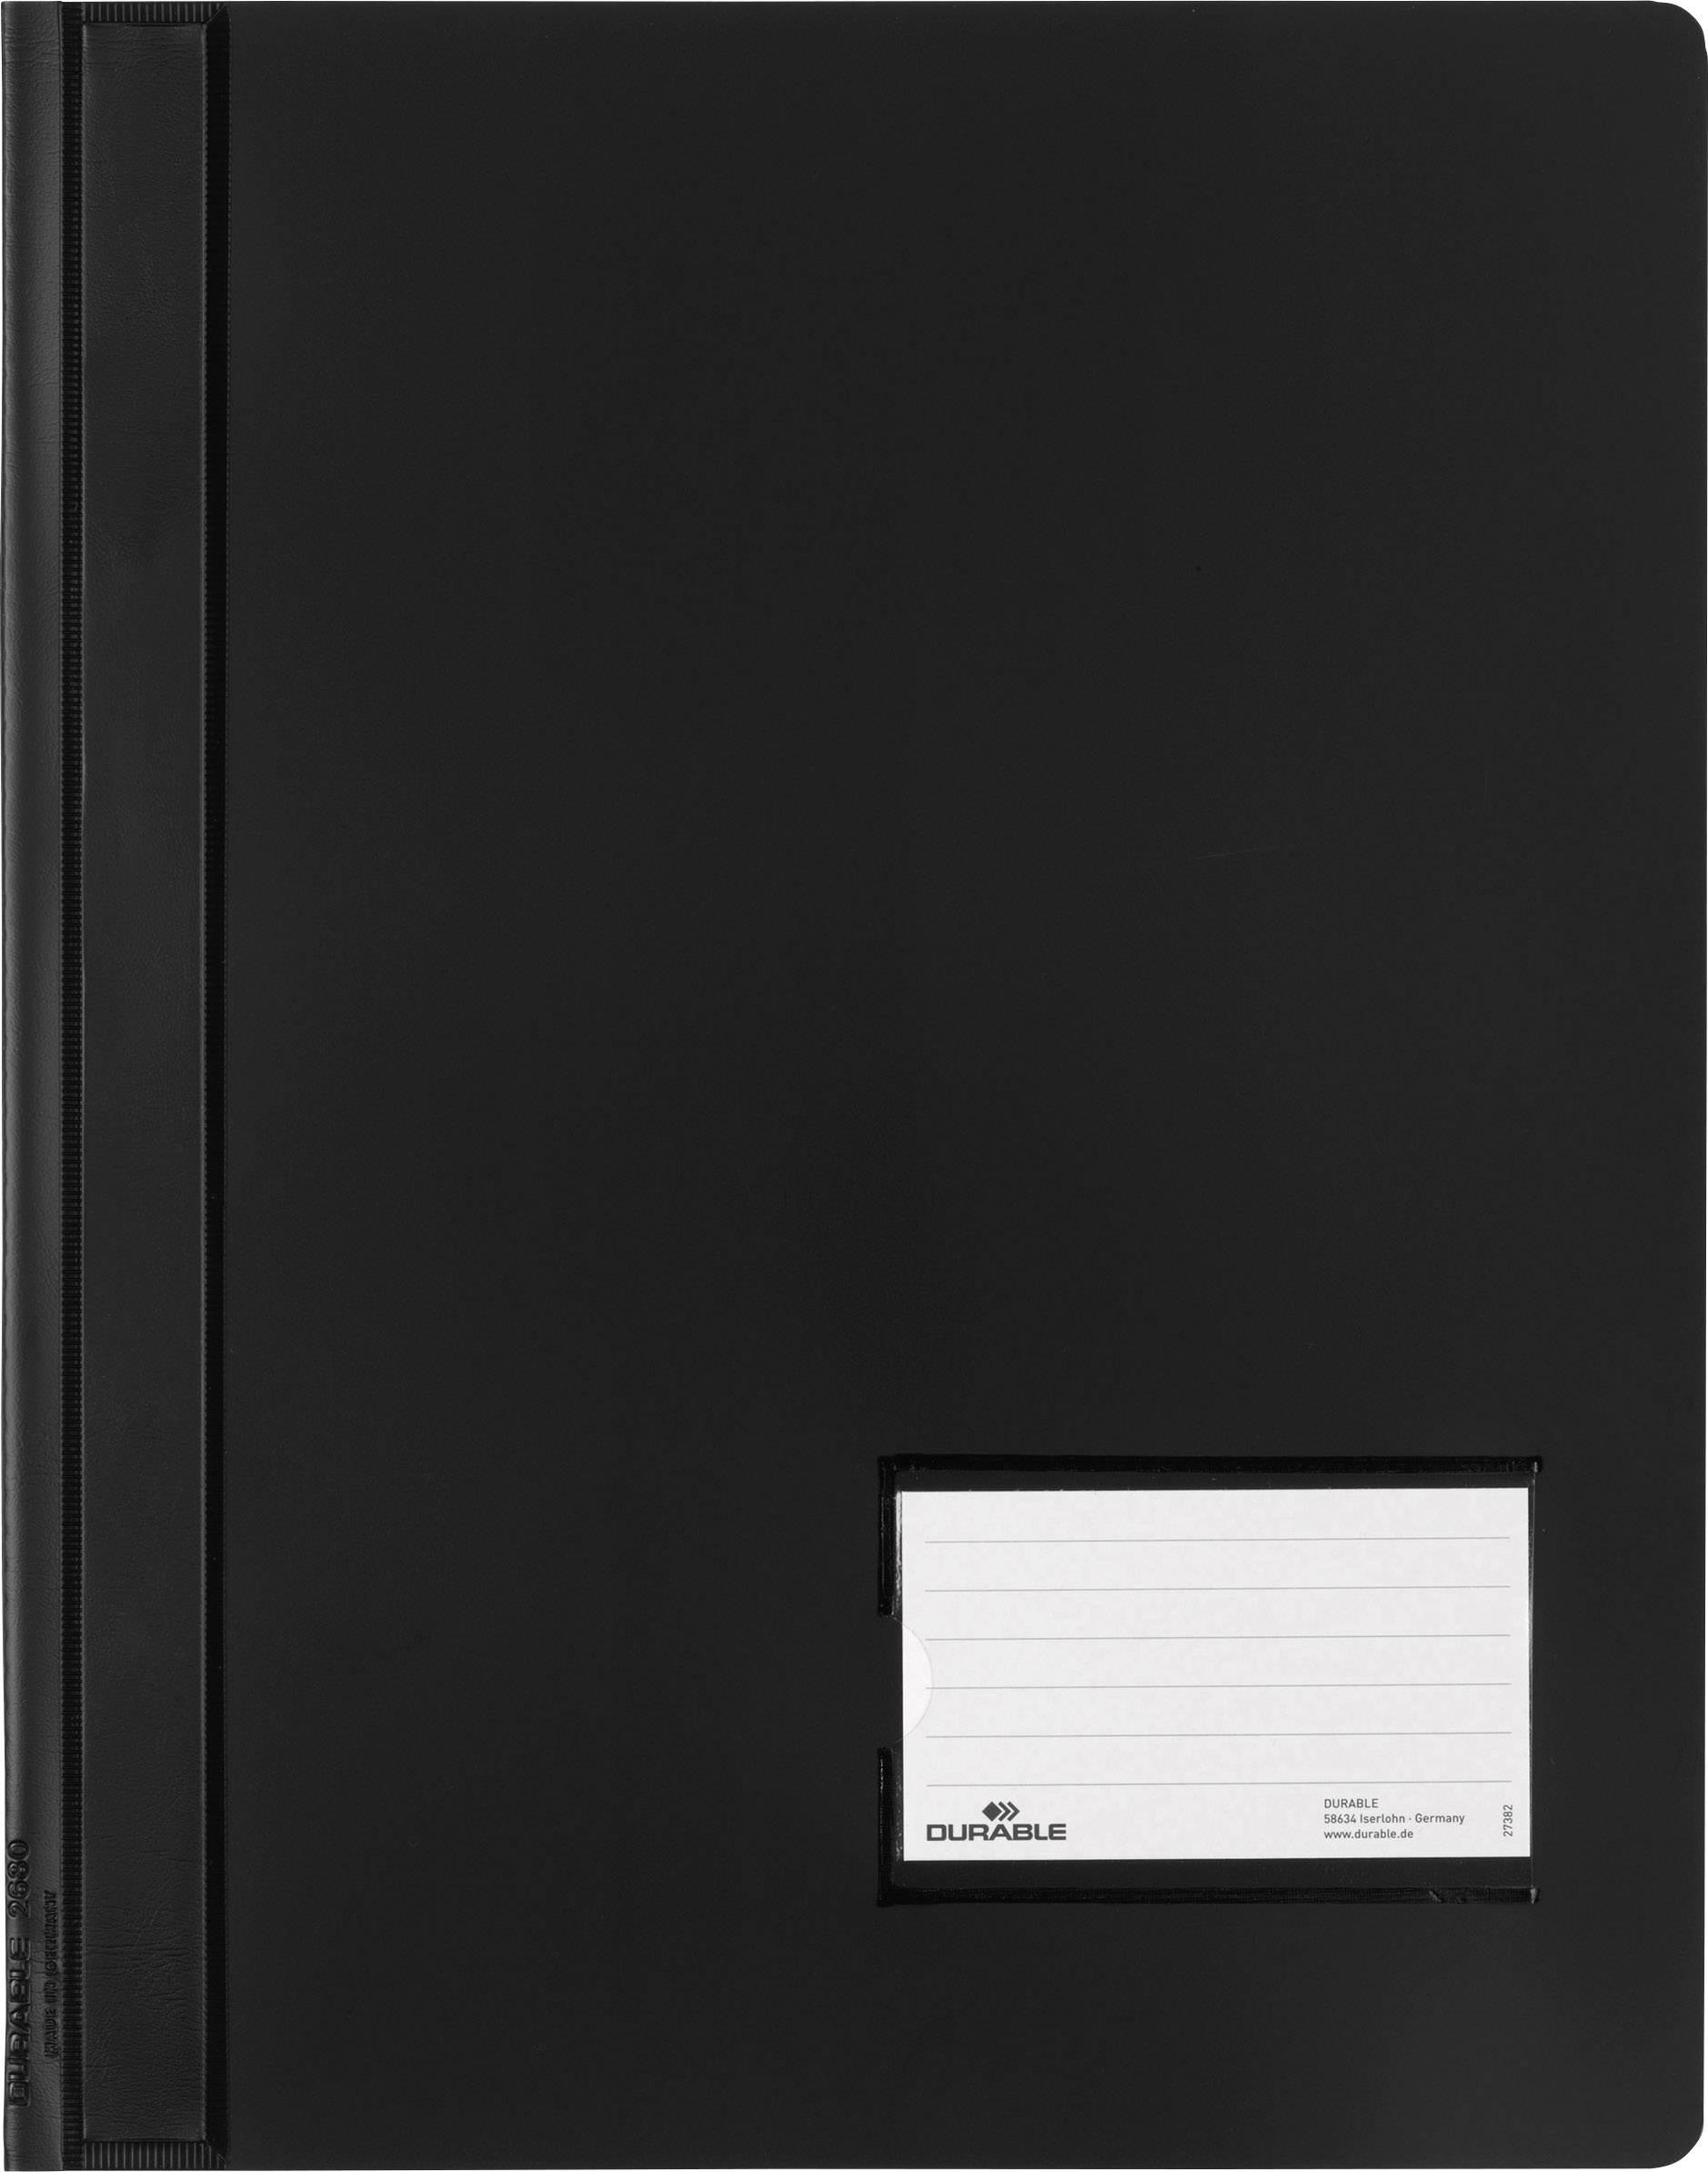 Durable DURALUX 268001 spenjalnik črna din a4+ markirno okno (90 mm x 57 mm), zaščita pred praskami, notranji žep (na za